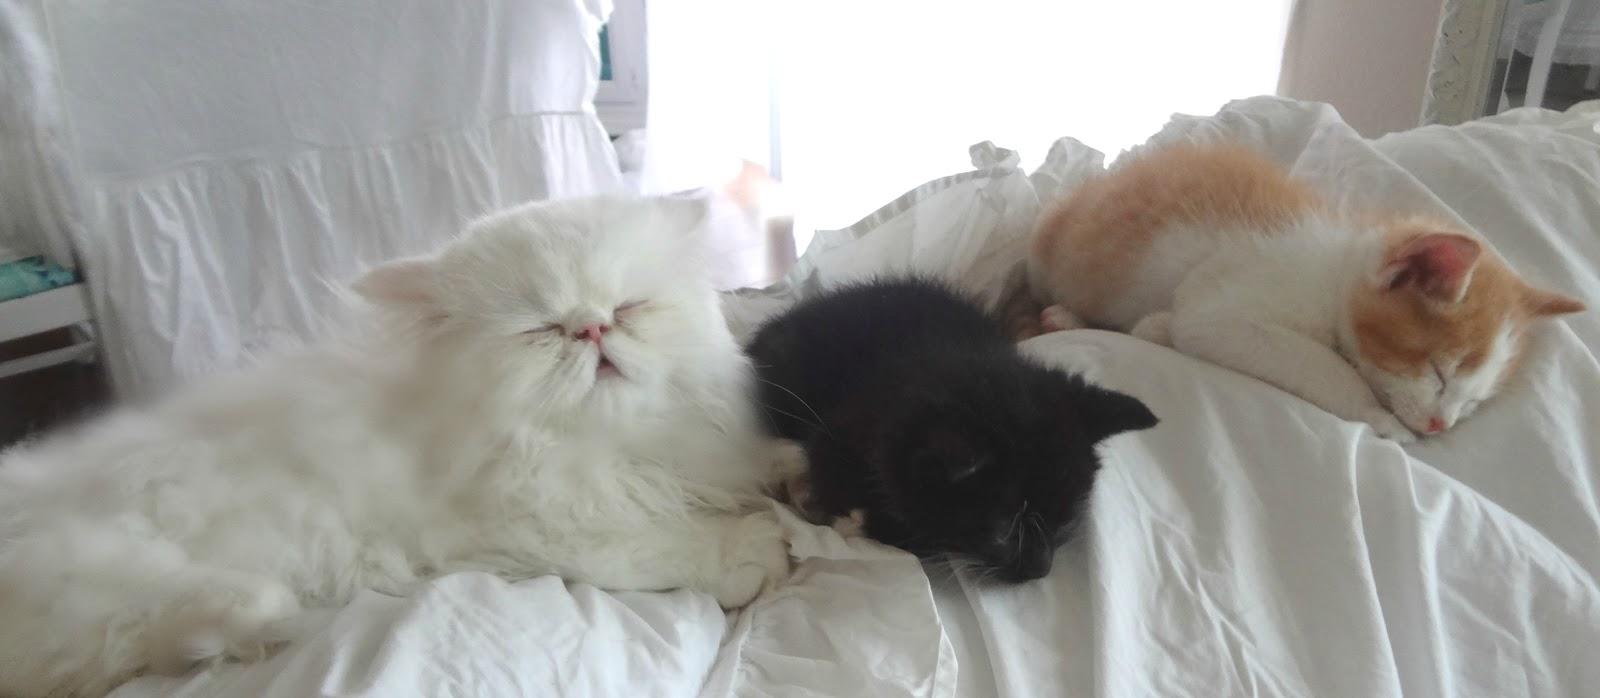 Cat play dates in Australia